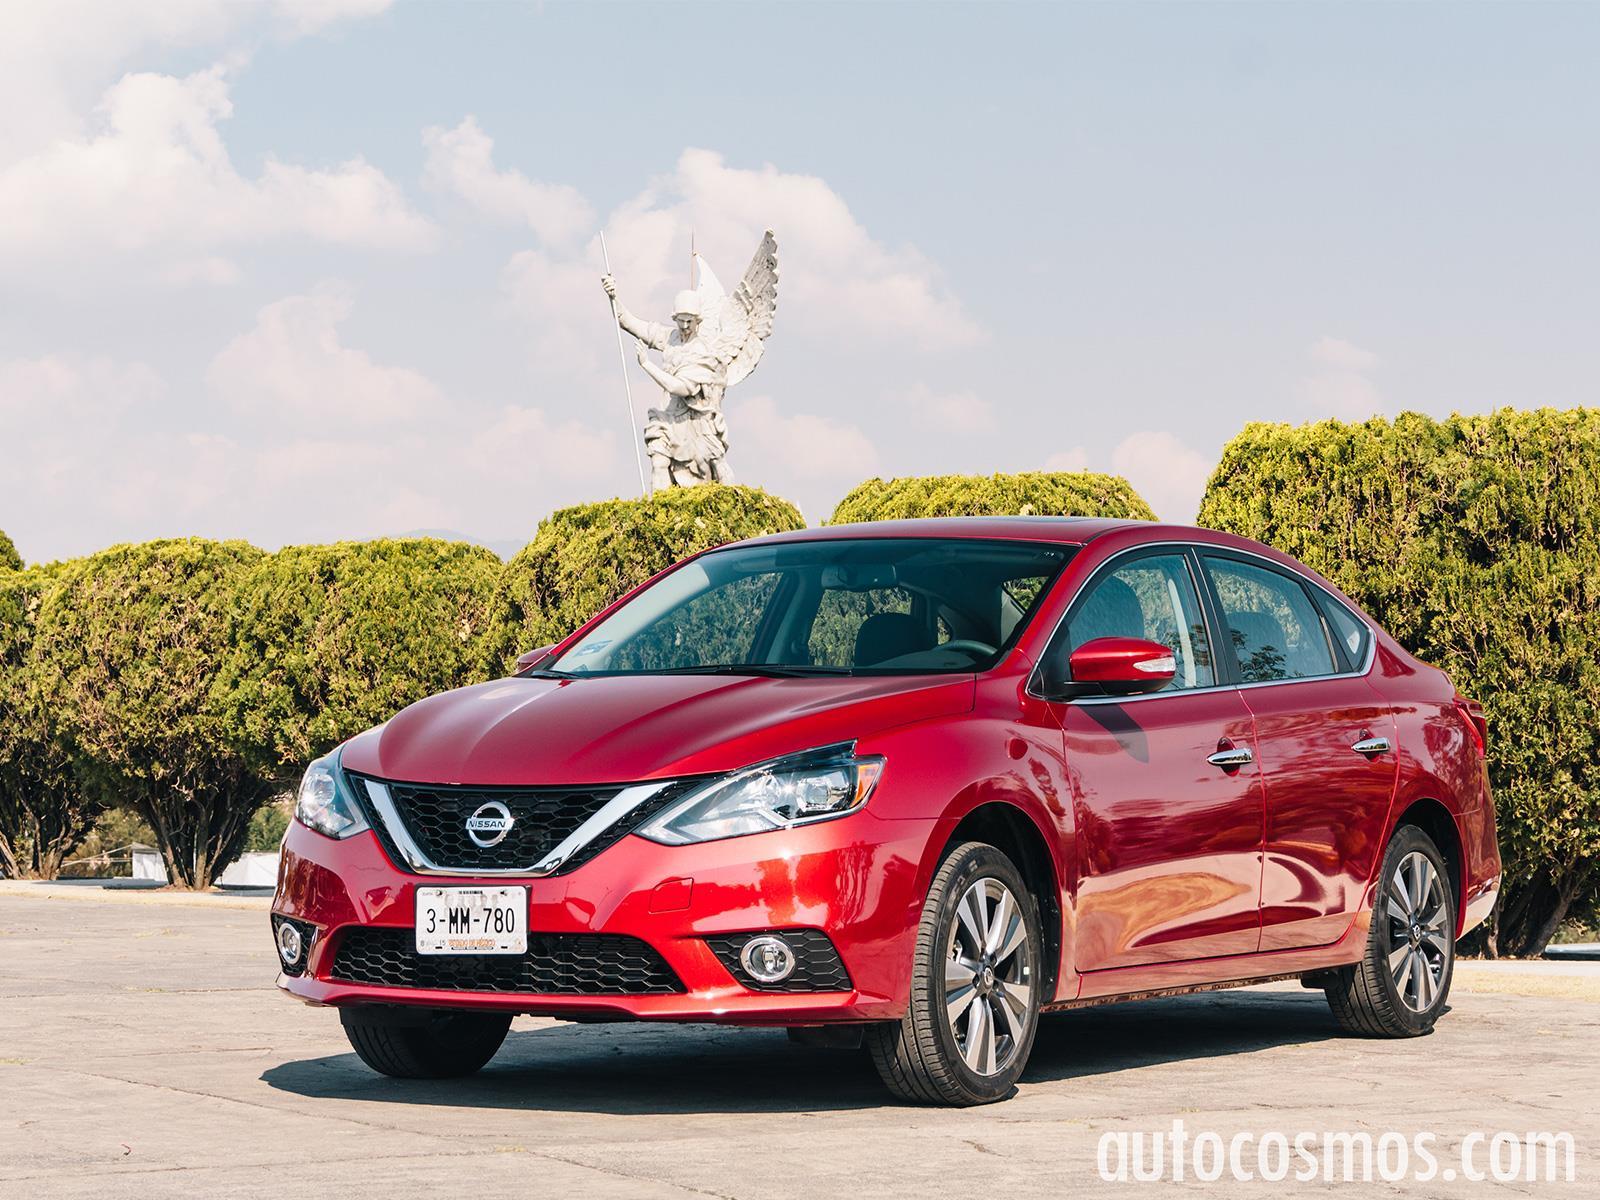 Nissan Sentra 2017 a prueba - Autocosmos.com